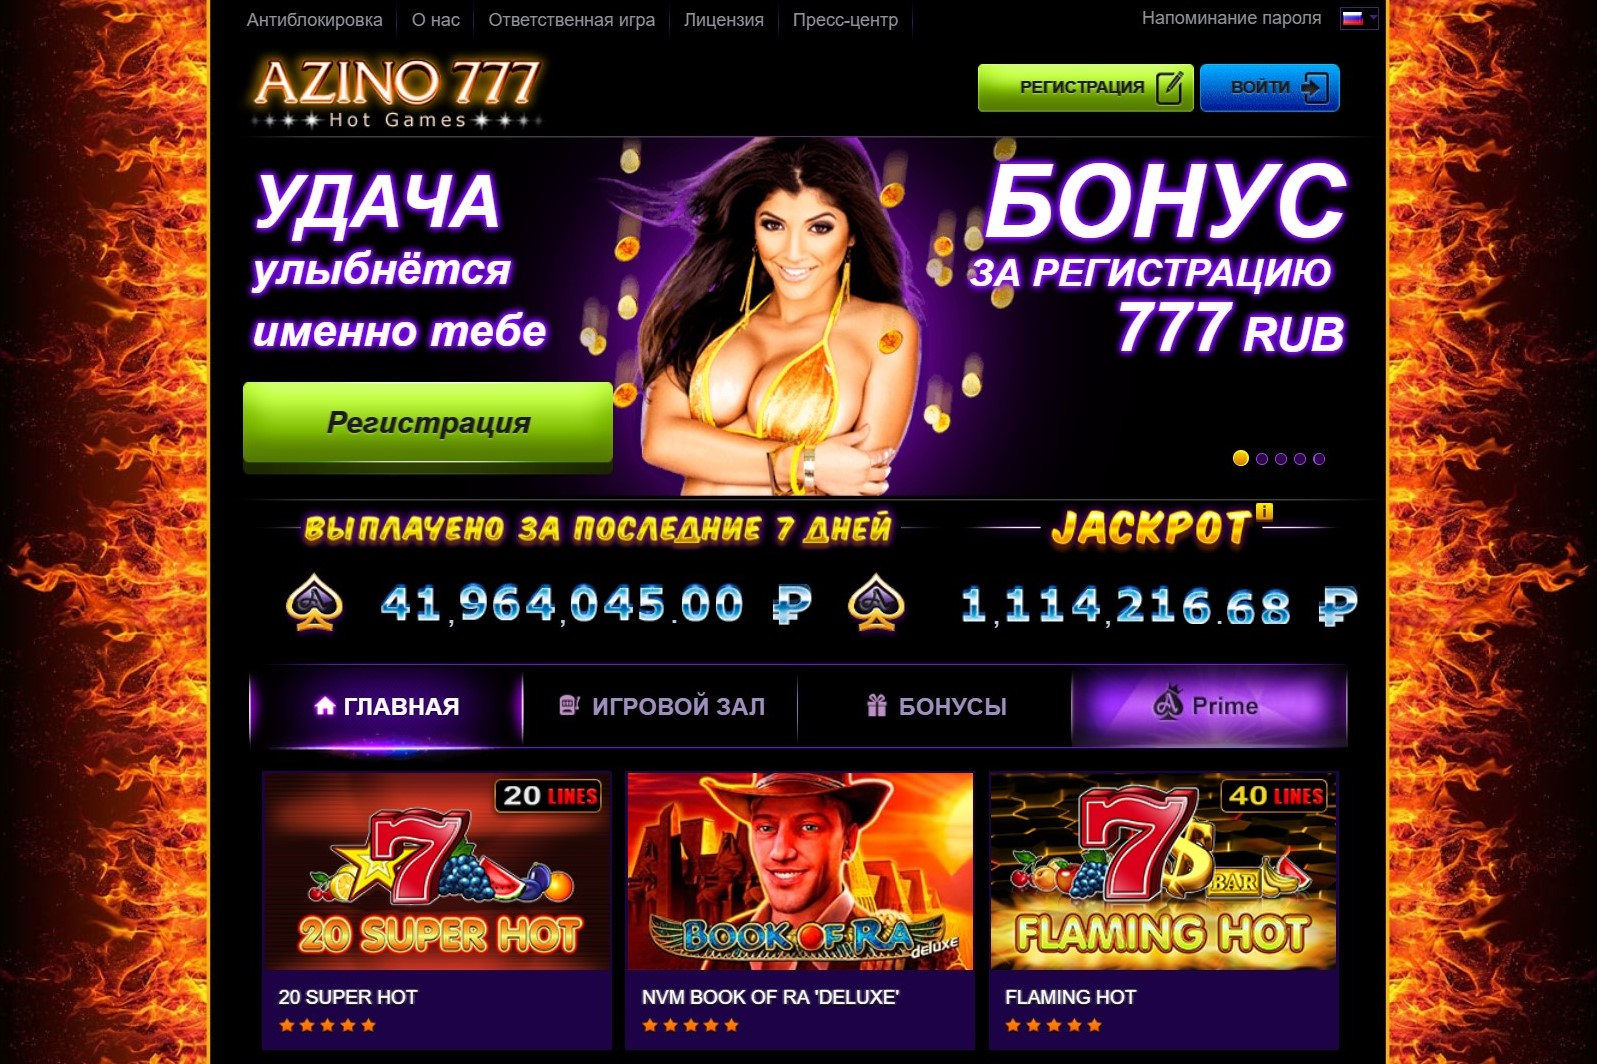 казино азино777 официальный казино онлайн с бонусом